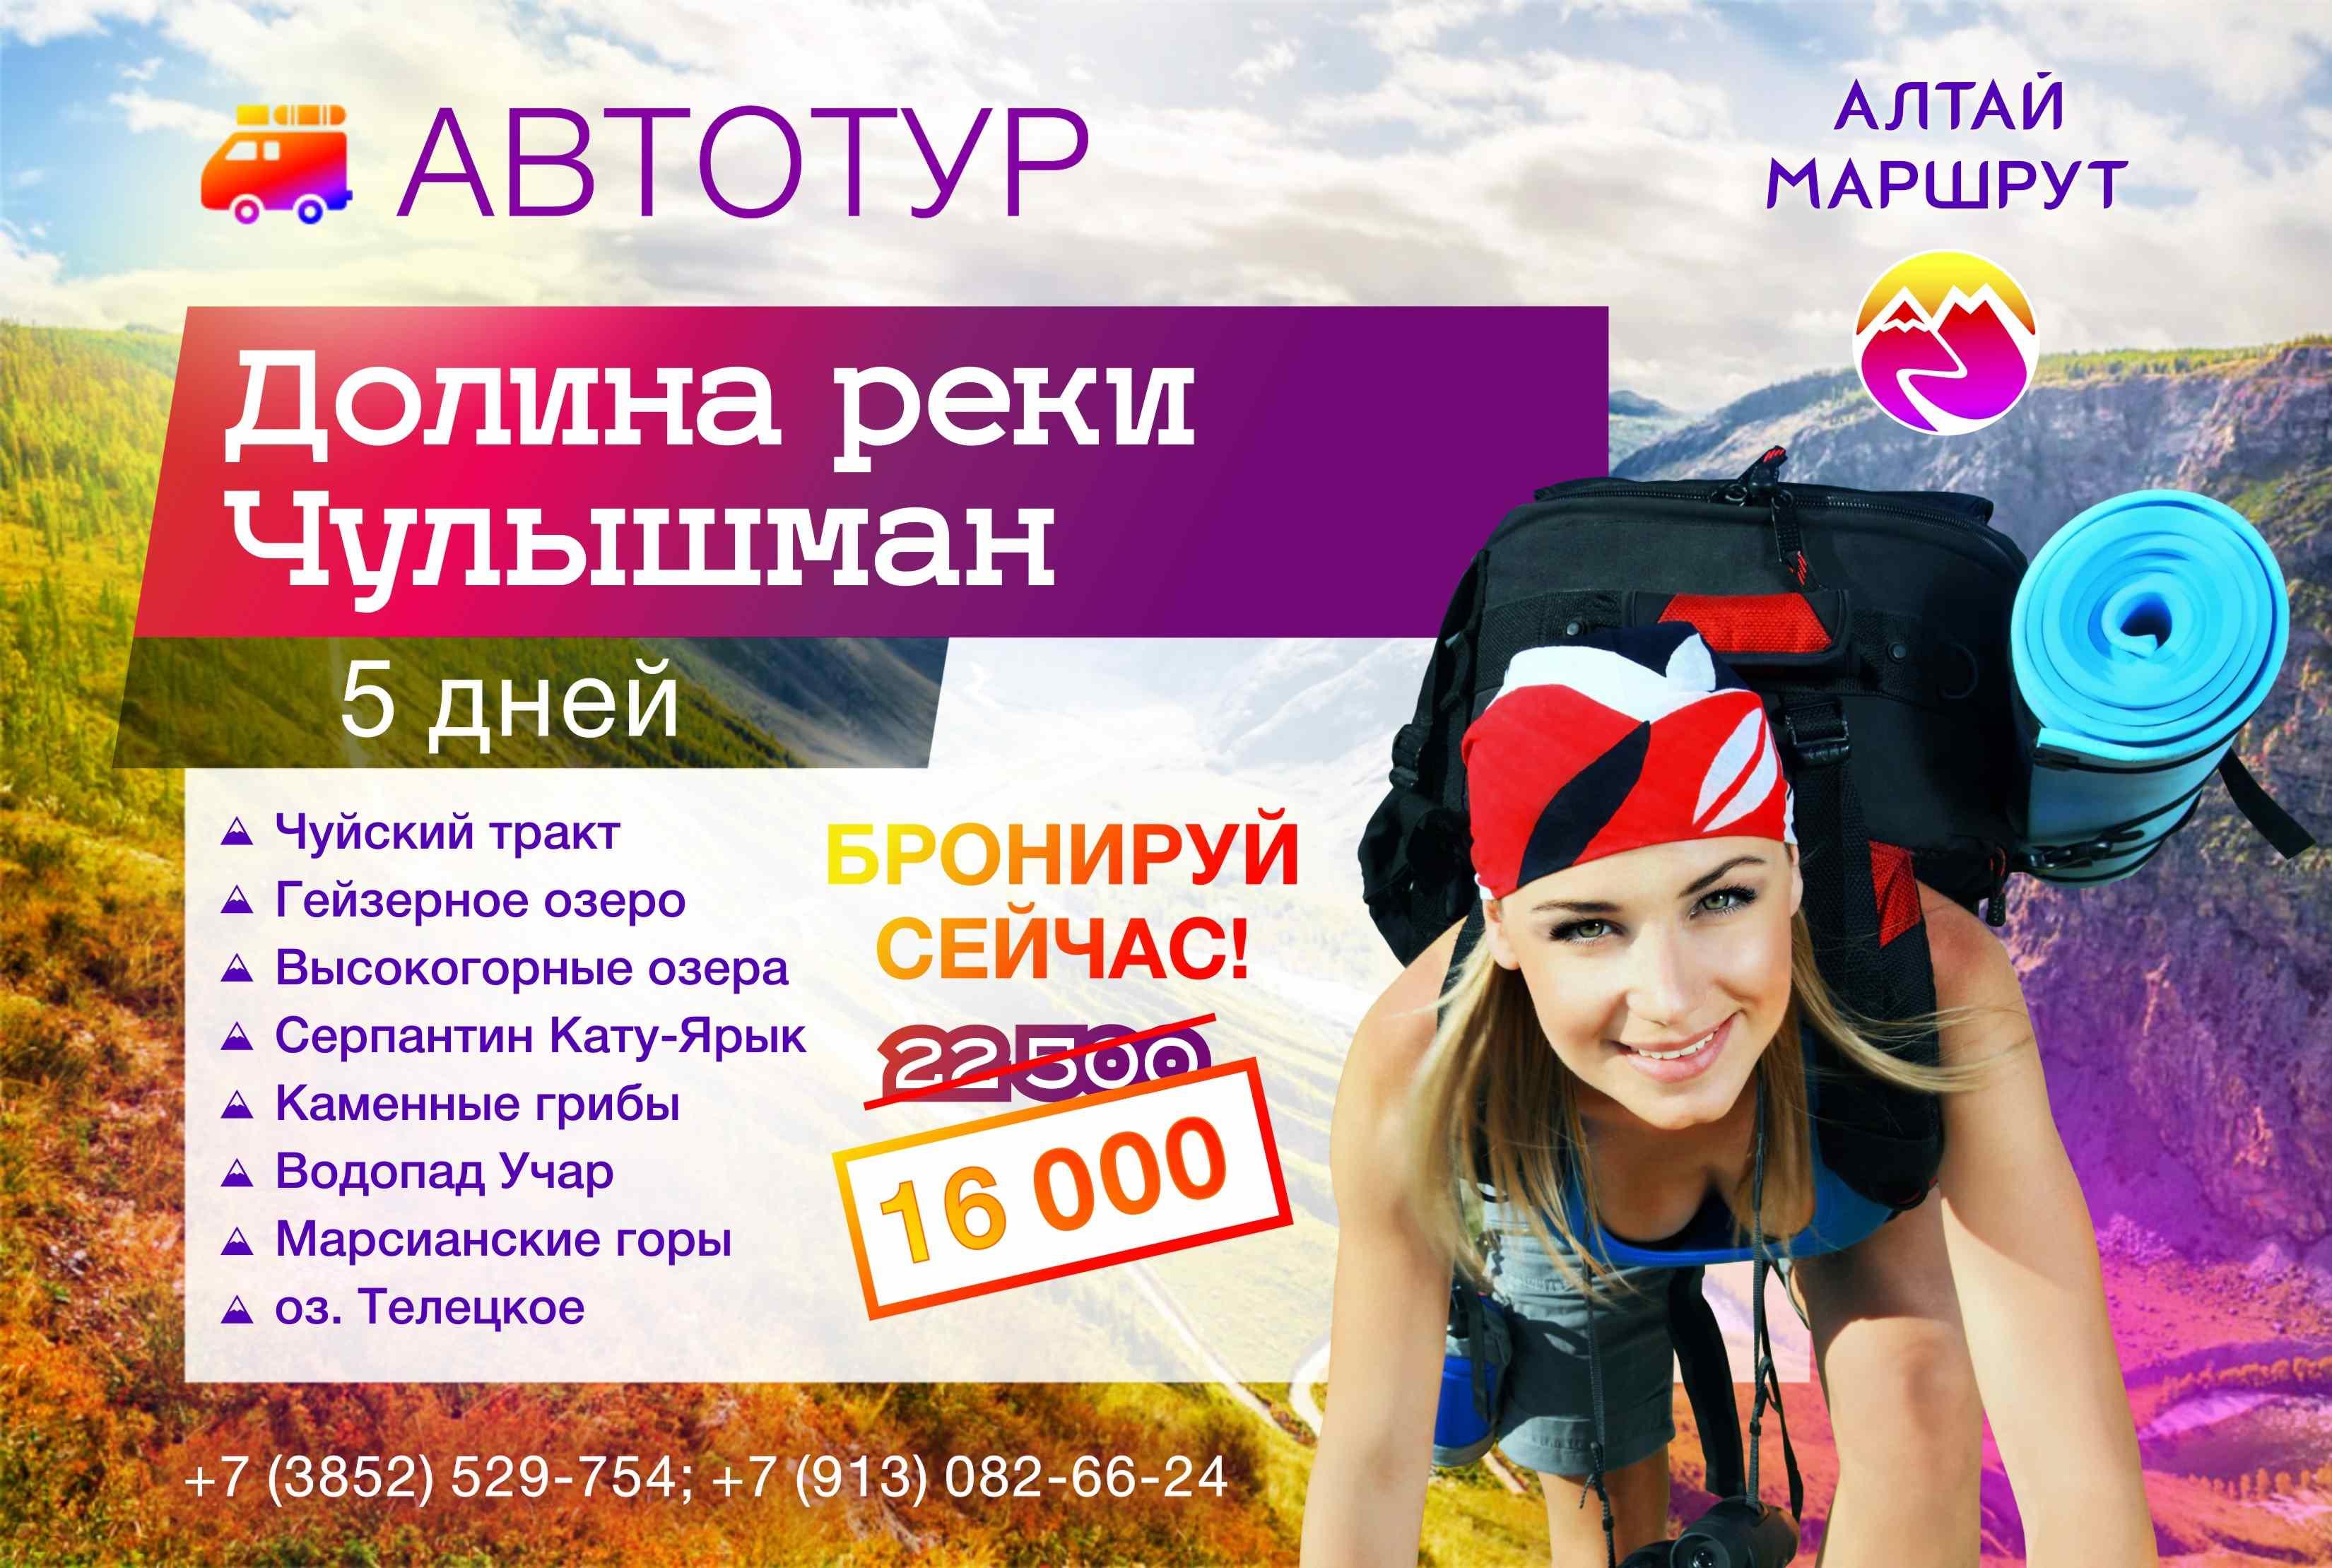 Тур на Чулышман. Алтай